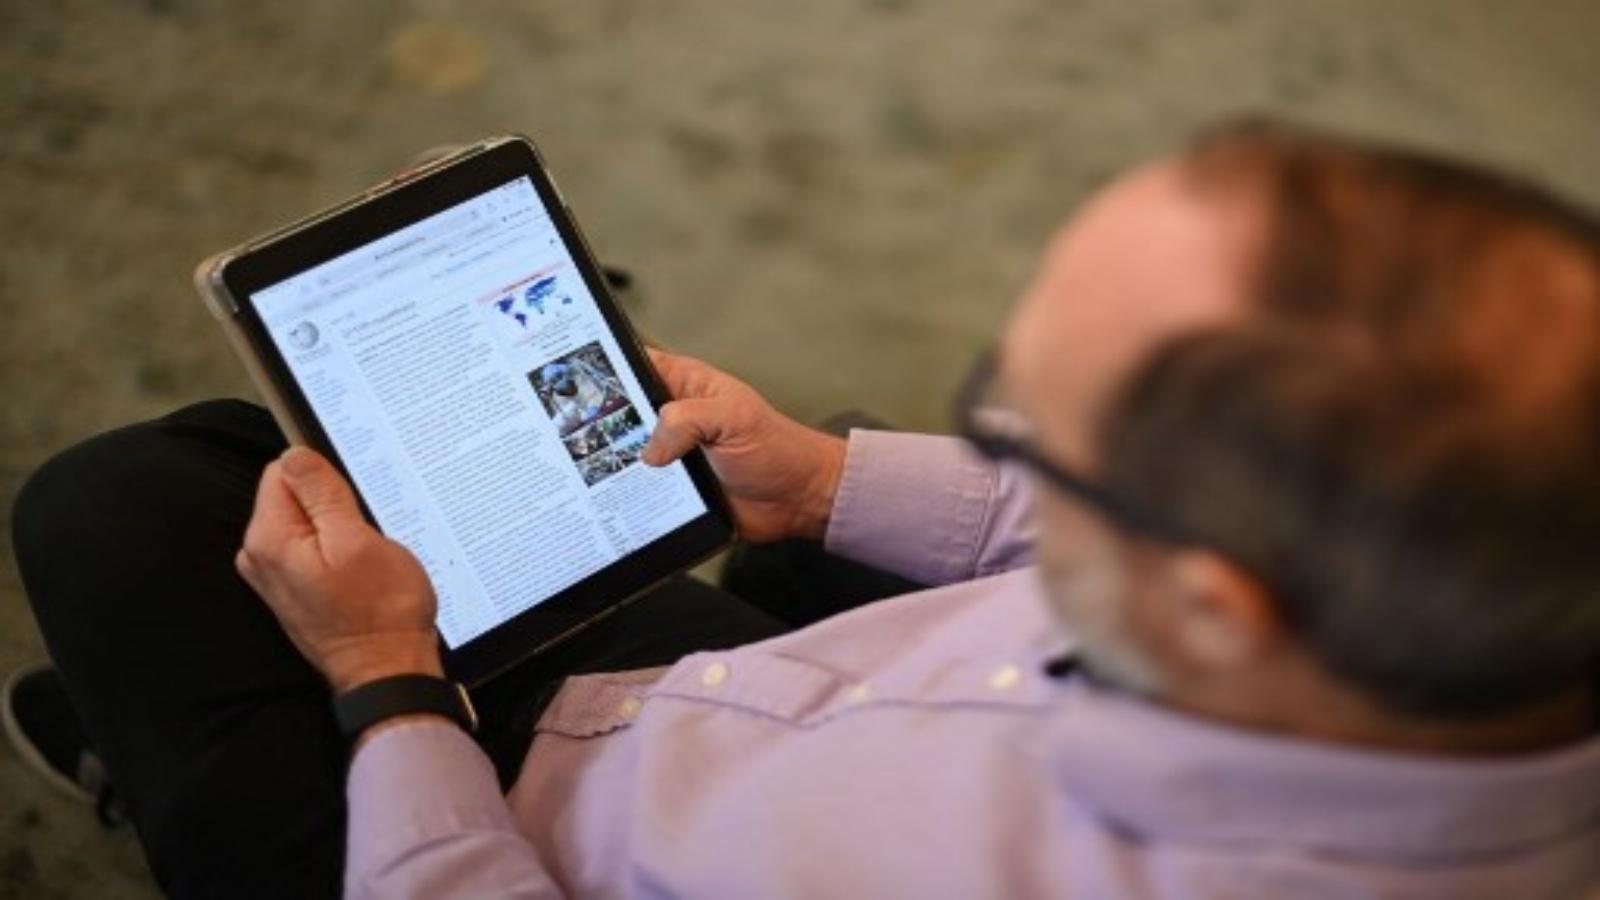 جيمي ويلز ، مؤسس موسوعة ويكيبيديا على الإنترنت ، يقف لالتقاط صورة له في لندن في 13 يناير 2021. قامت منصات التواصل الاجتماعي مثل Twitter و Facebook